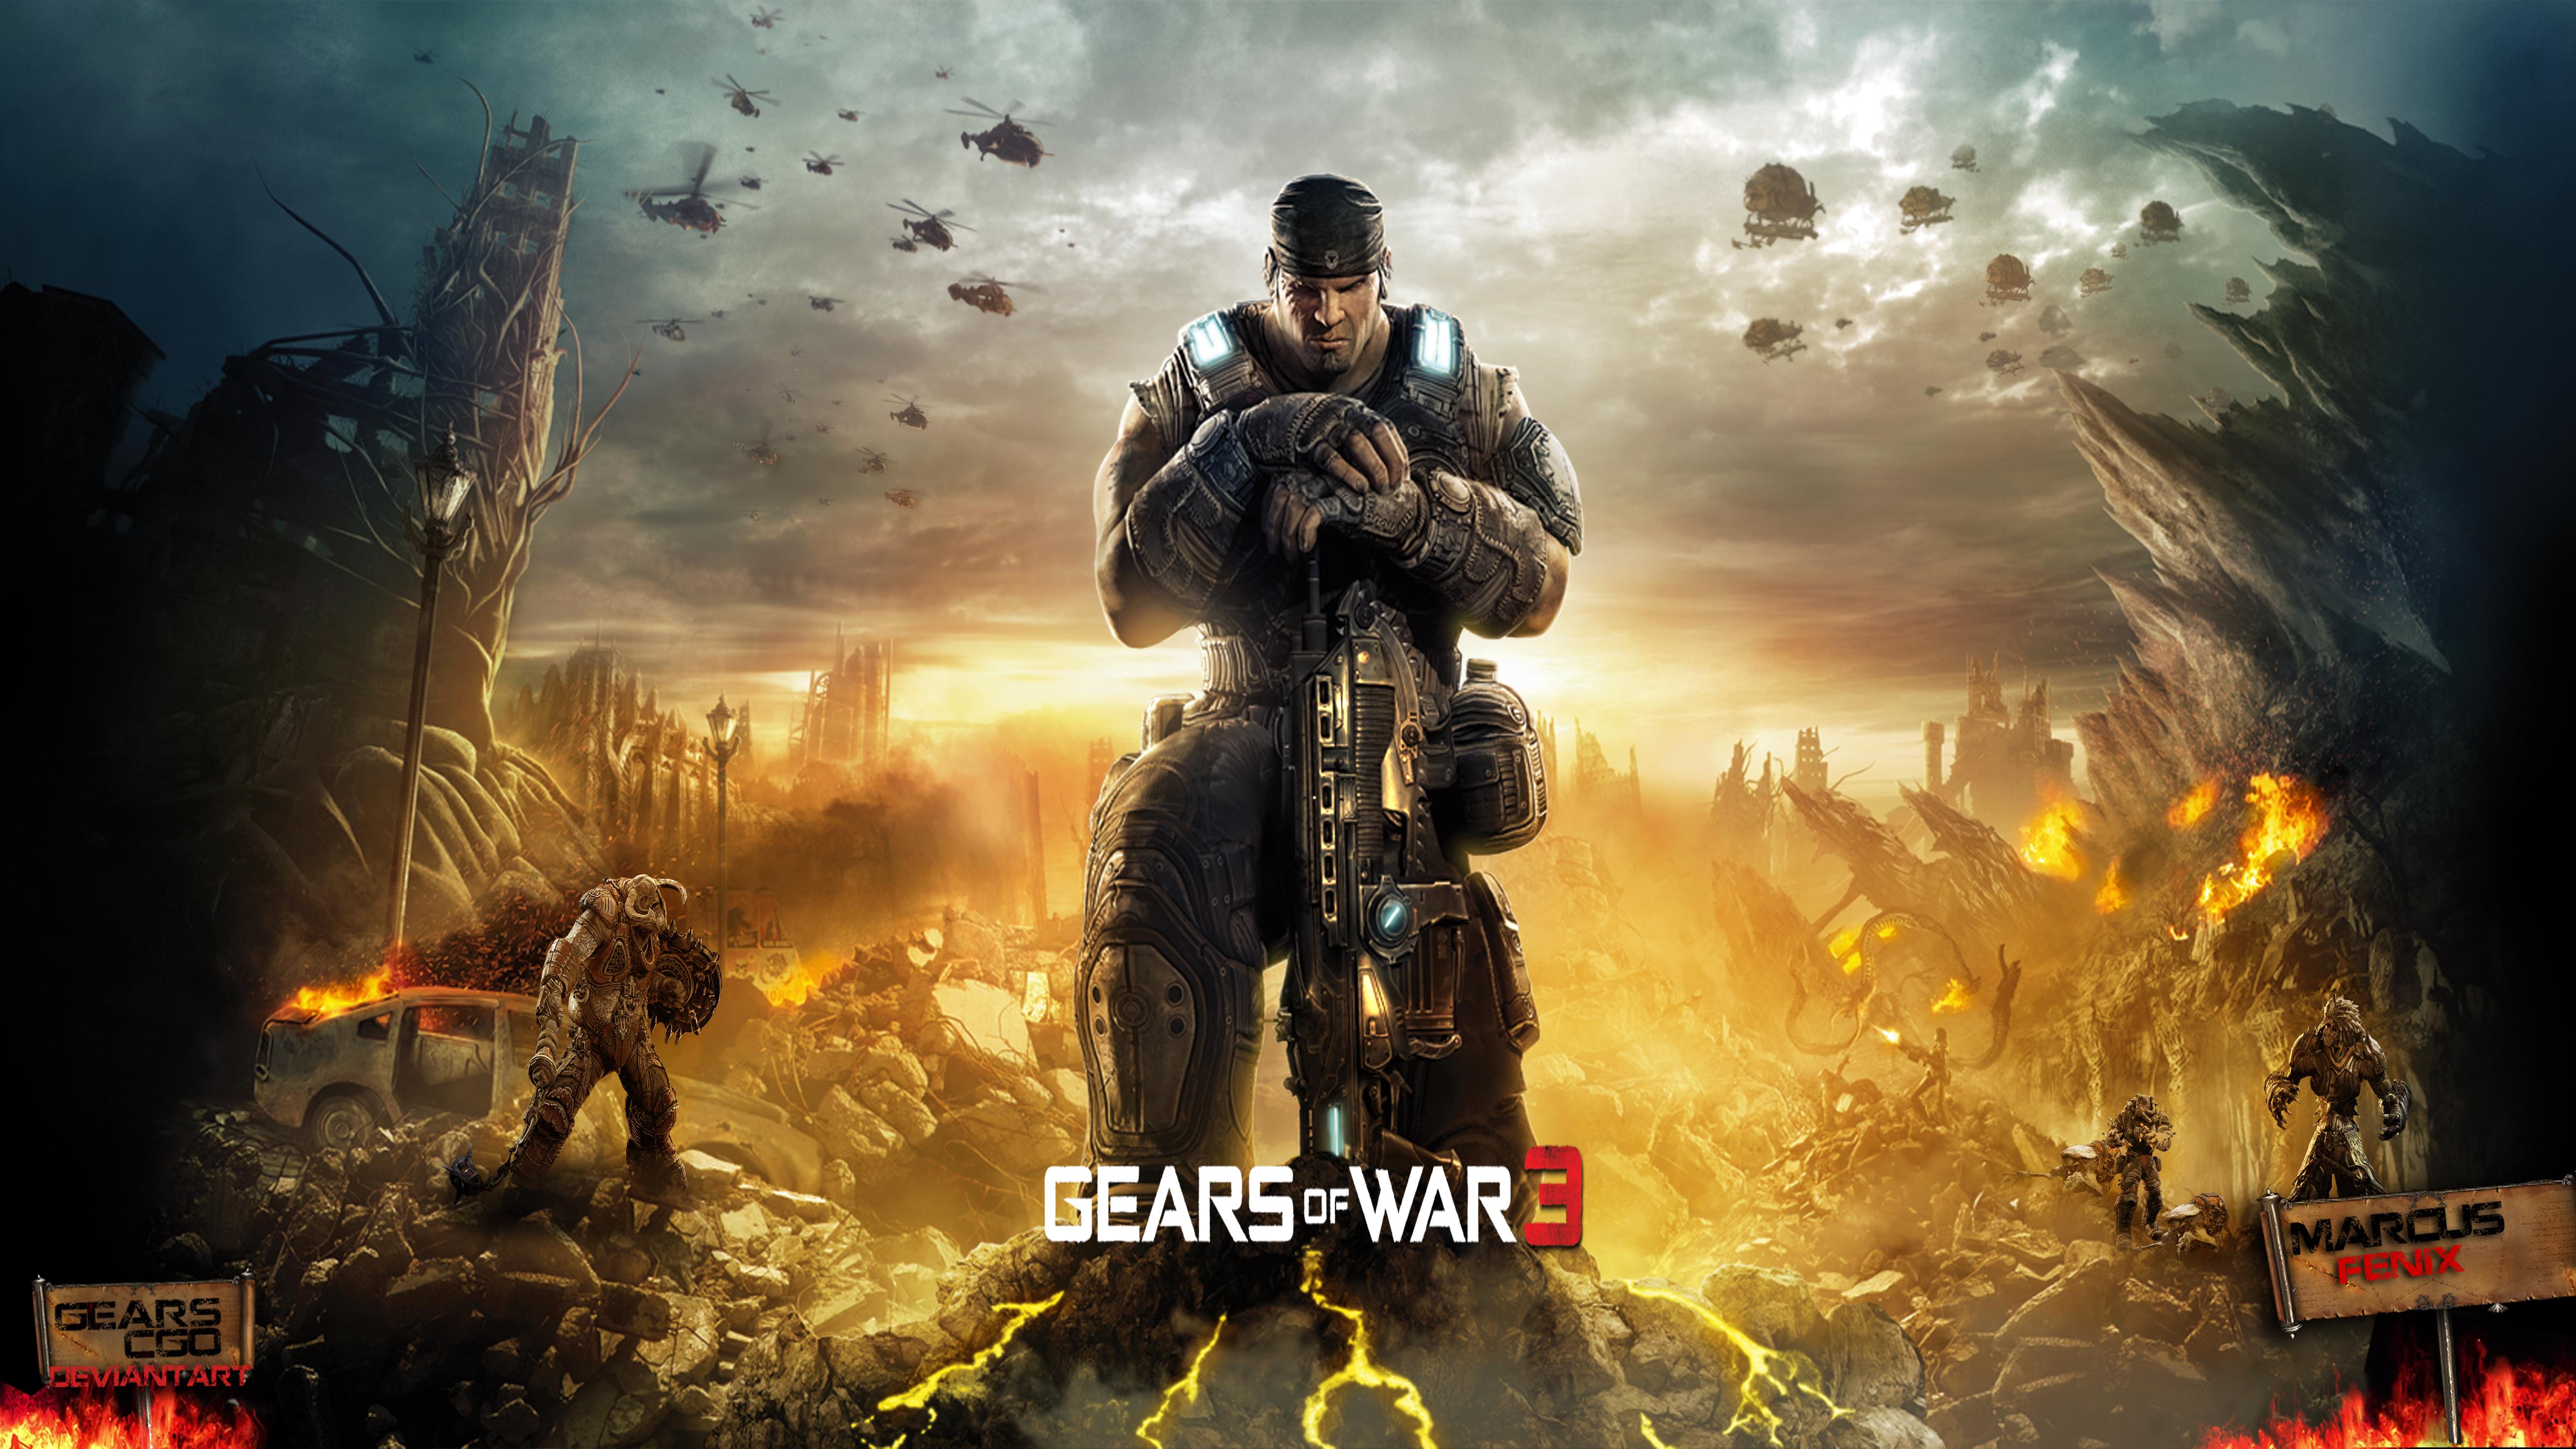 gears of war 3 wallpaper by gearscgo on deviantart